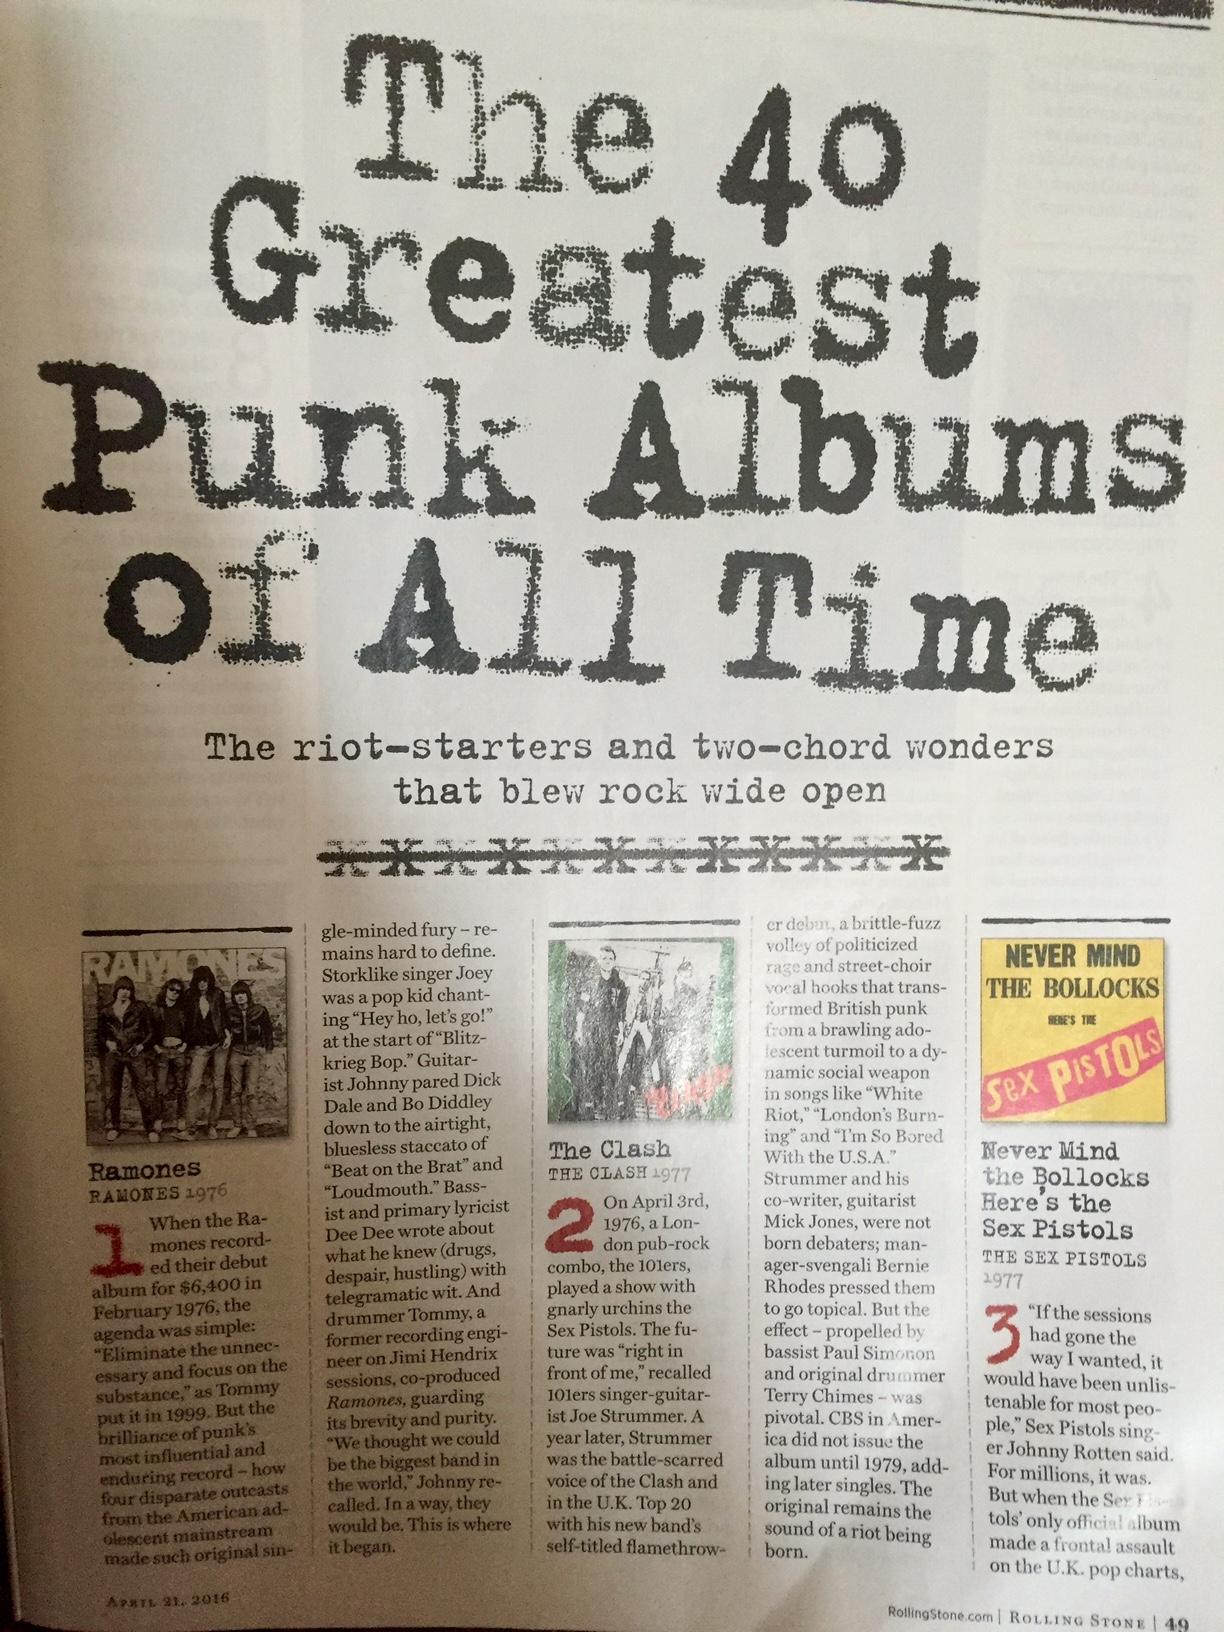 Paying Homage To Punk Rock